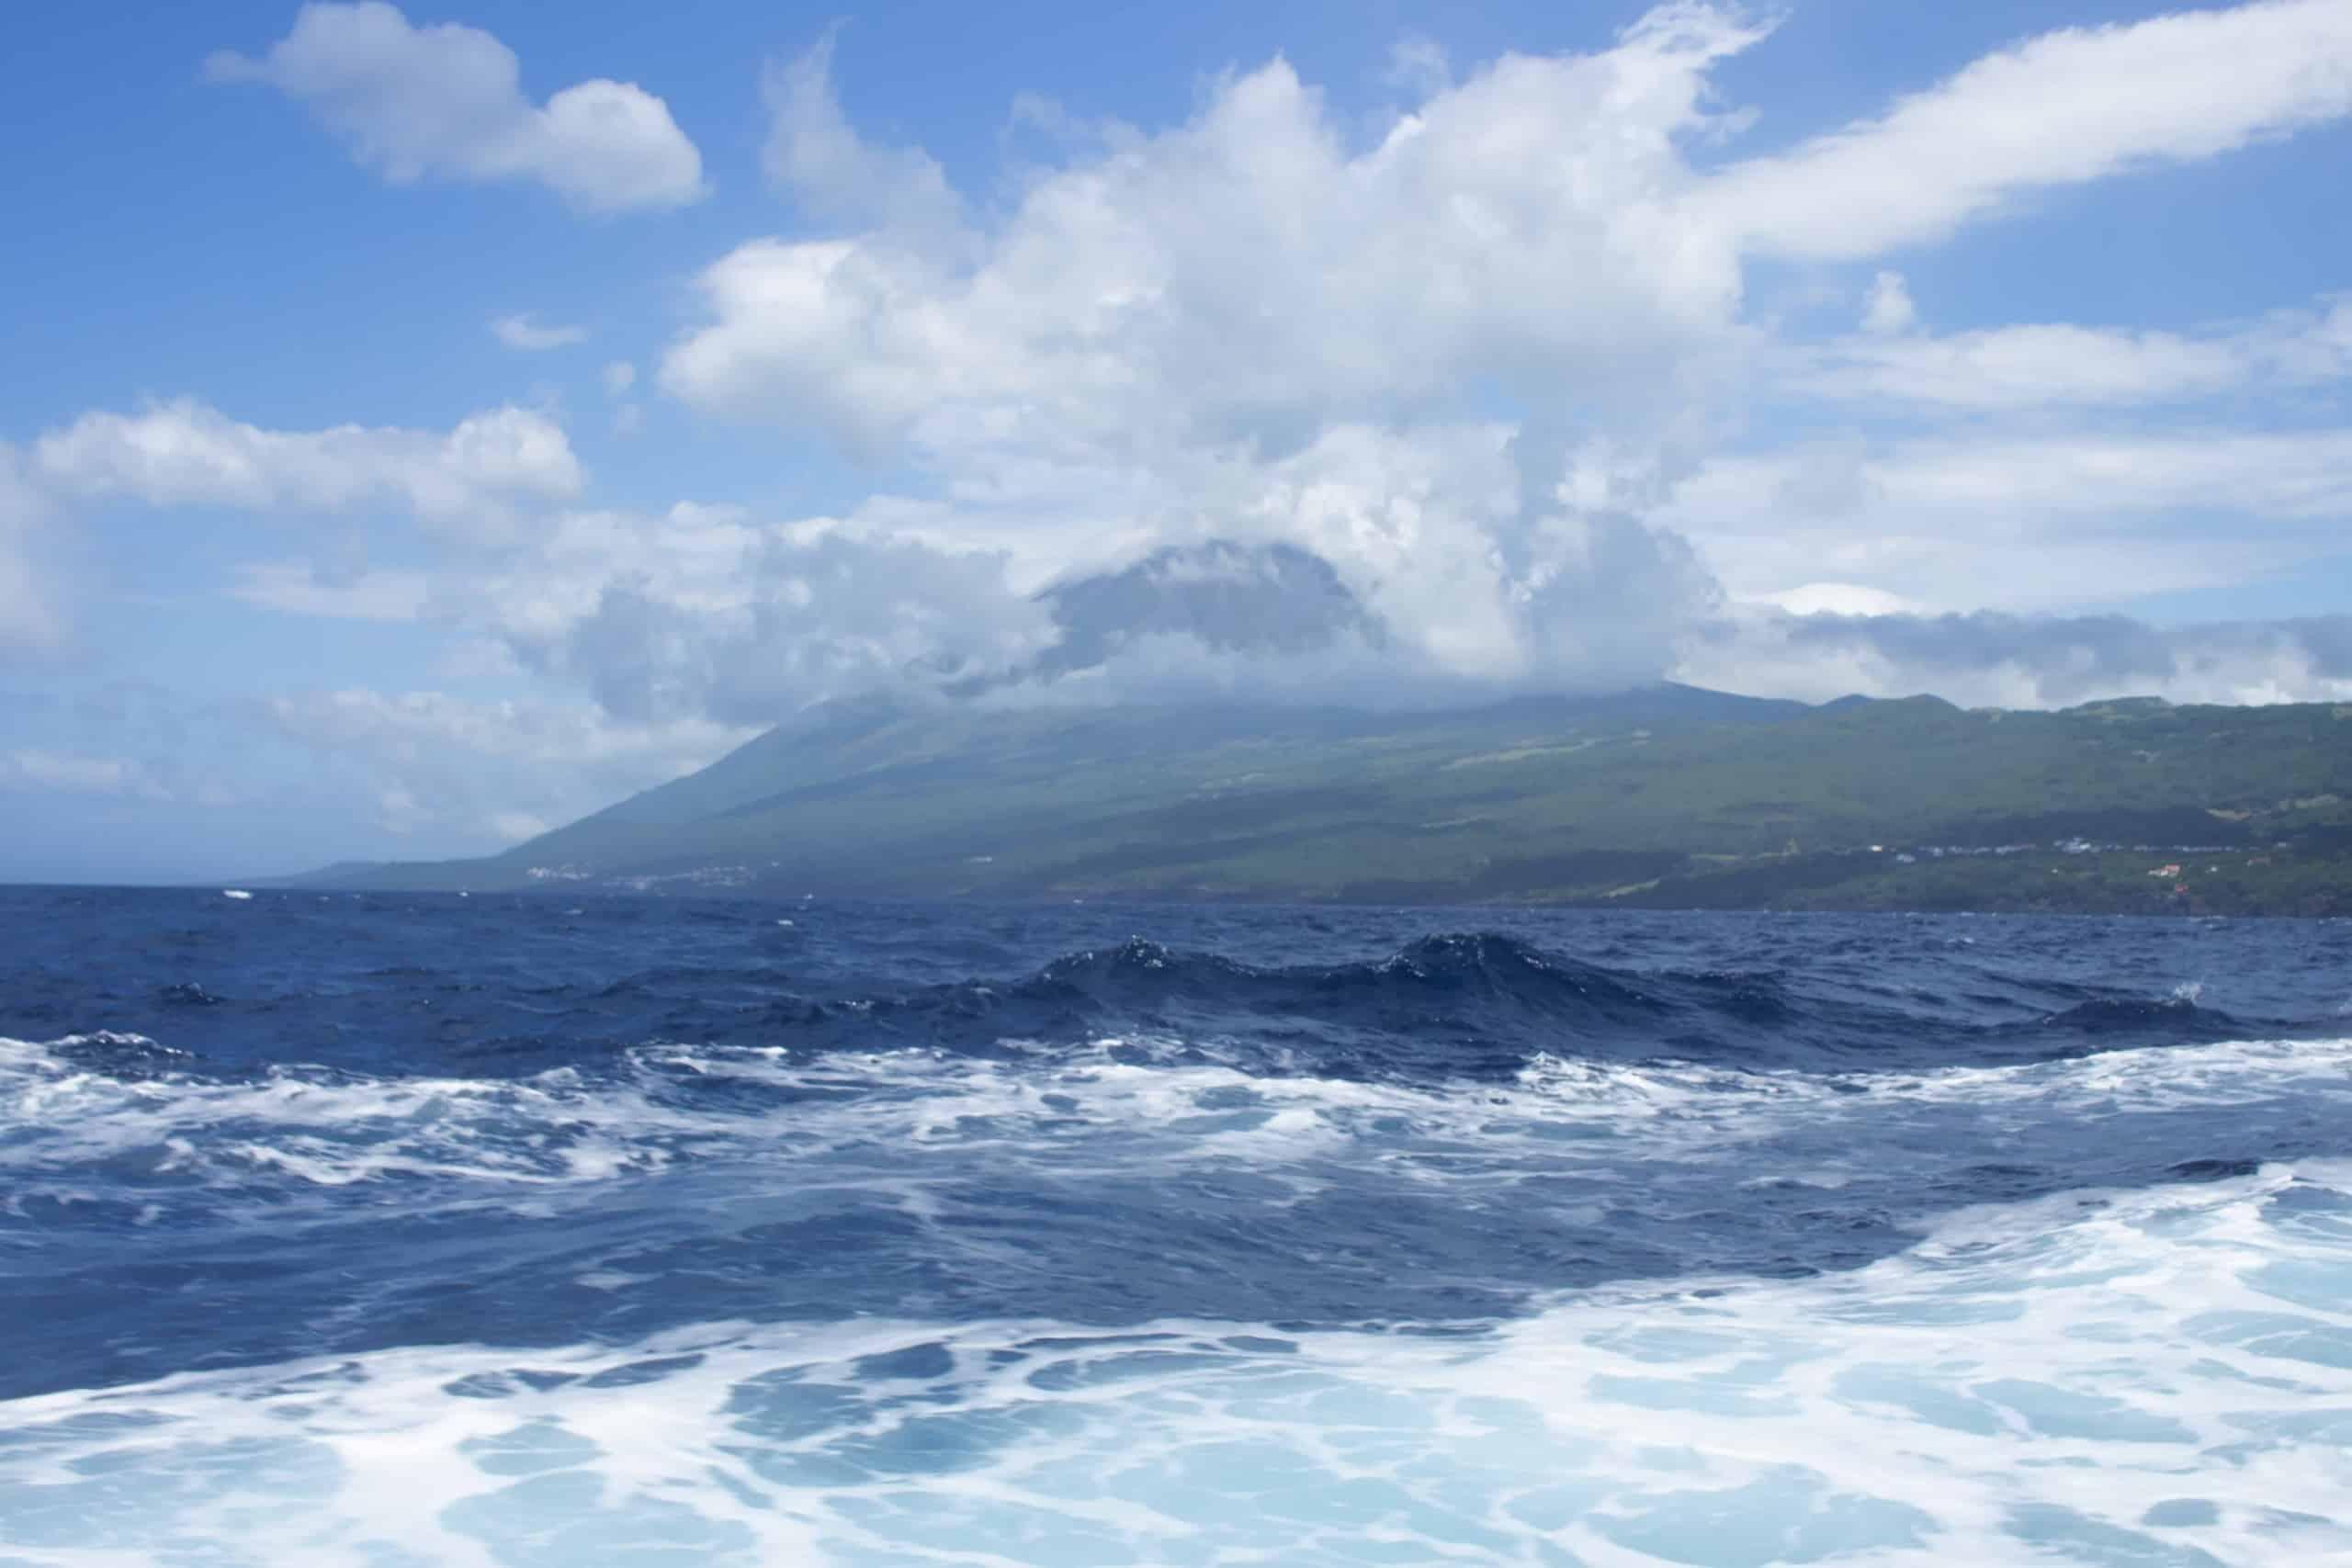 Insel Vulkan Ponta do Pico auf den Azoren in Wolken gehüllt und im Vordergrund das Meer mit starkem Wellengang